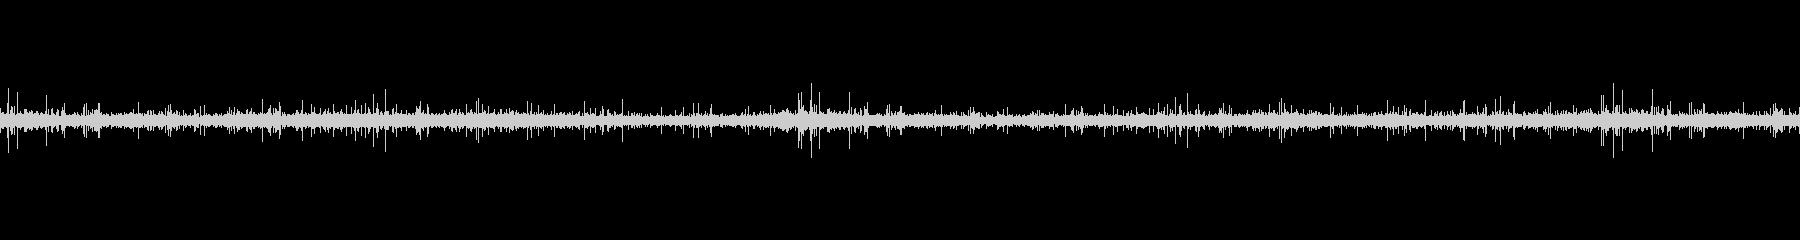 レコードノイズ Lofi ヴァイナル03の未再生の波形